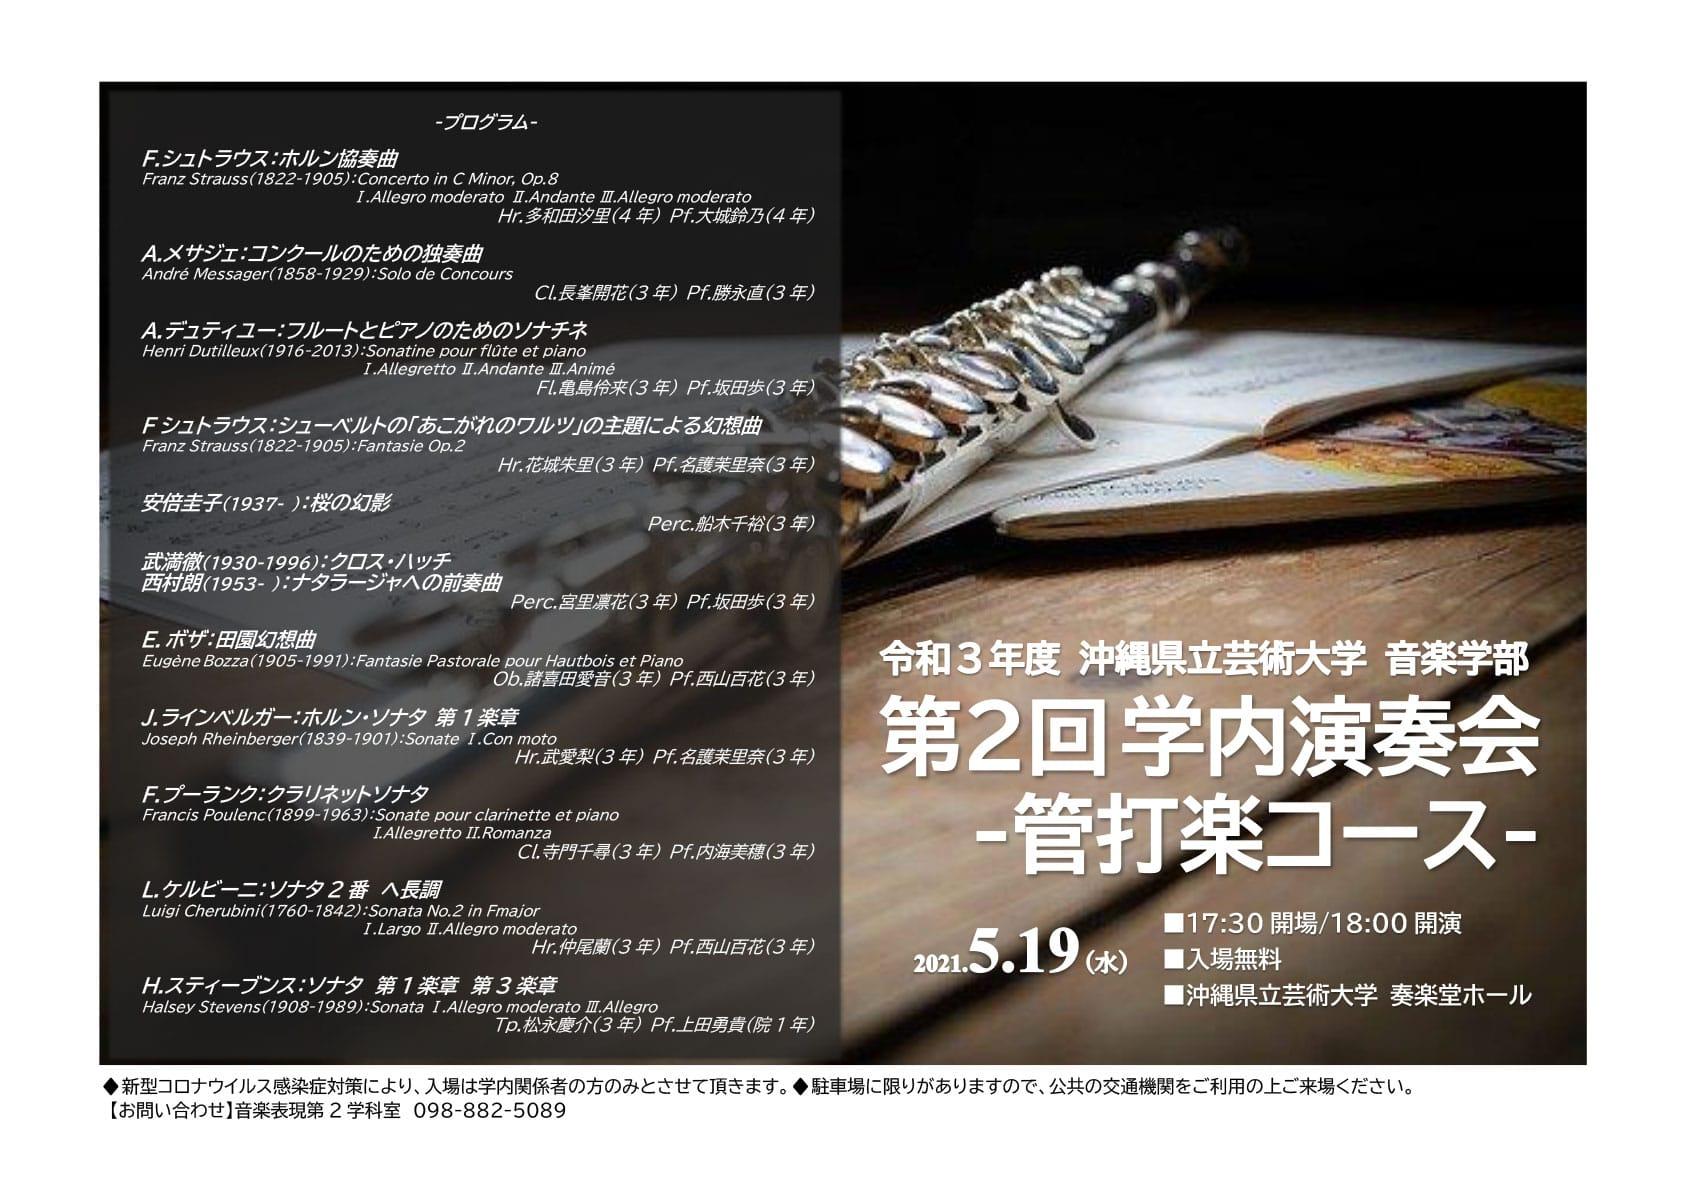 [フライヤー]第2回学内演奏会 ―管打楽コース―